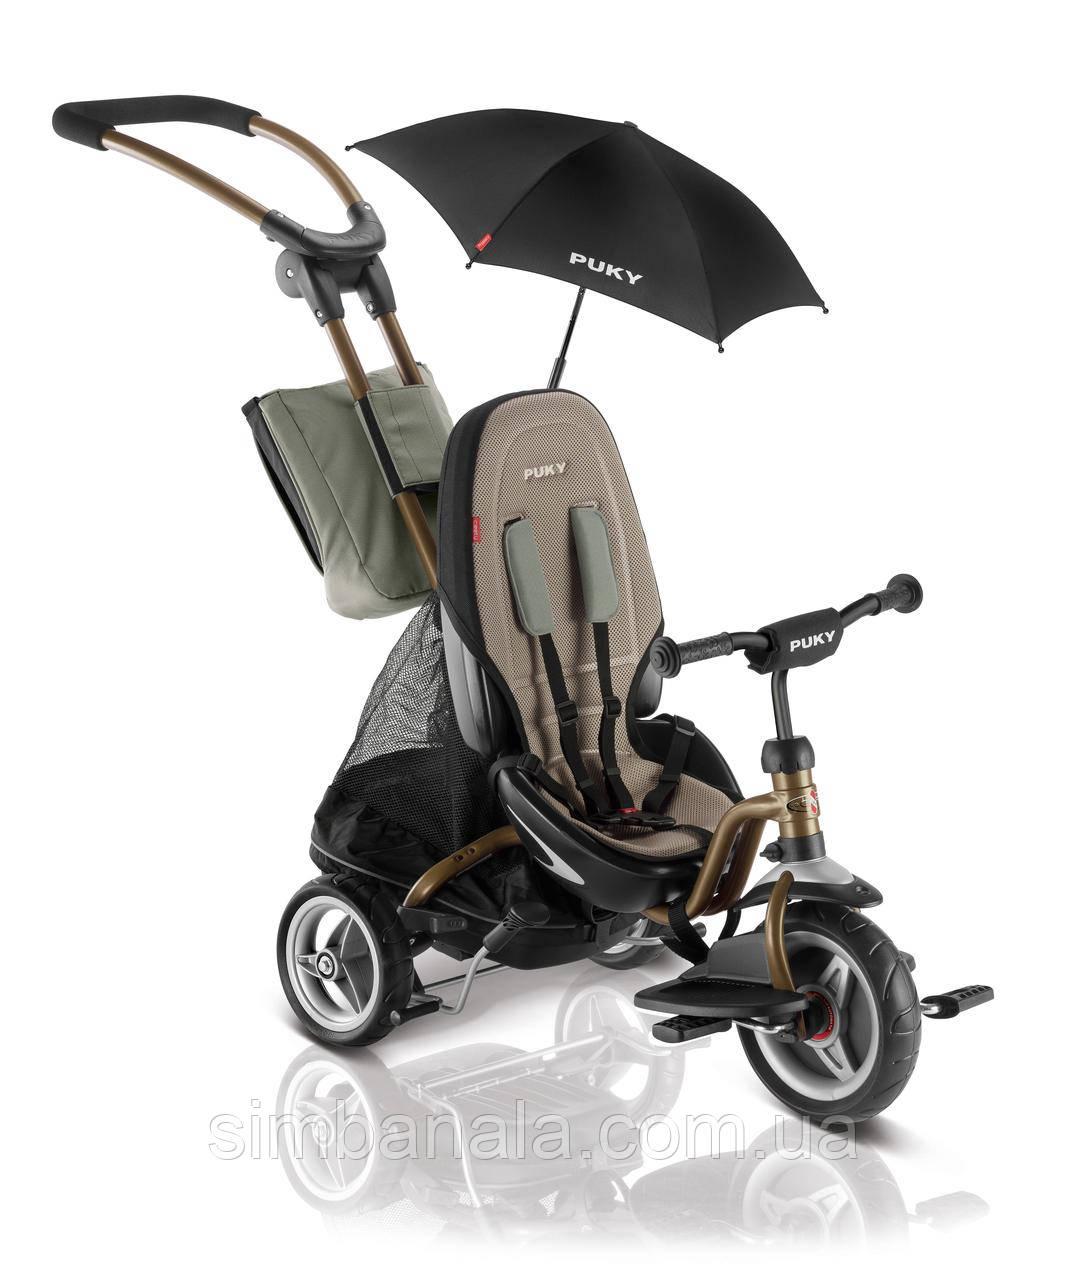 Трехколесный велосипед Puky CAT S6 Ceety (бронзовый/bronze)